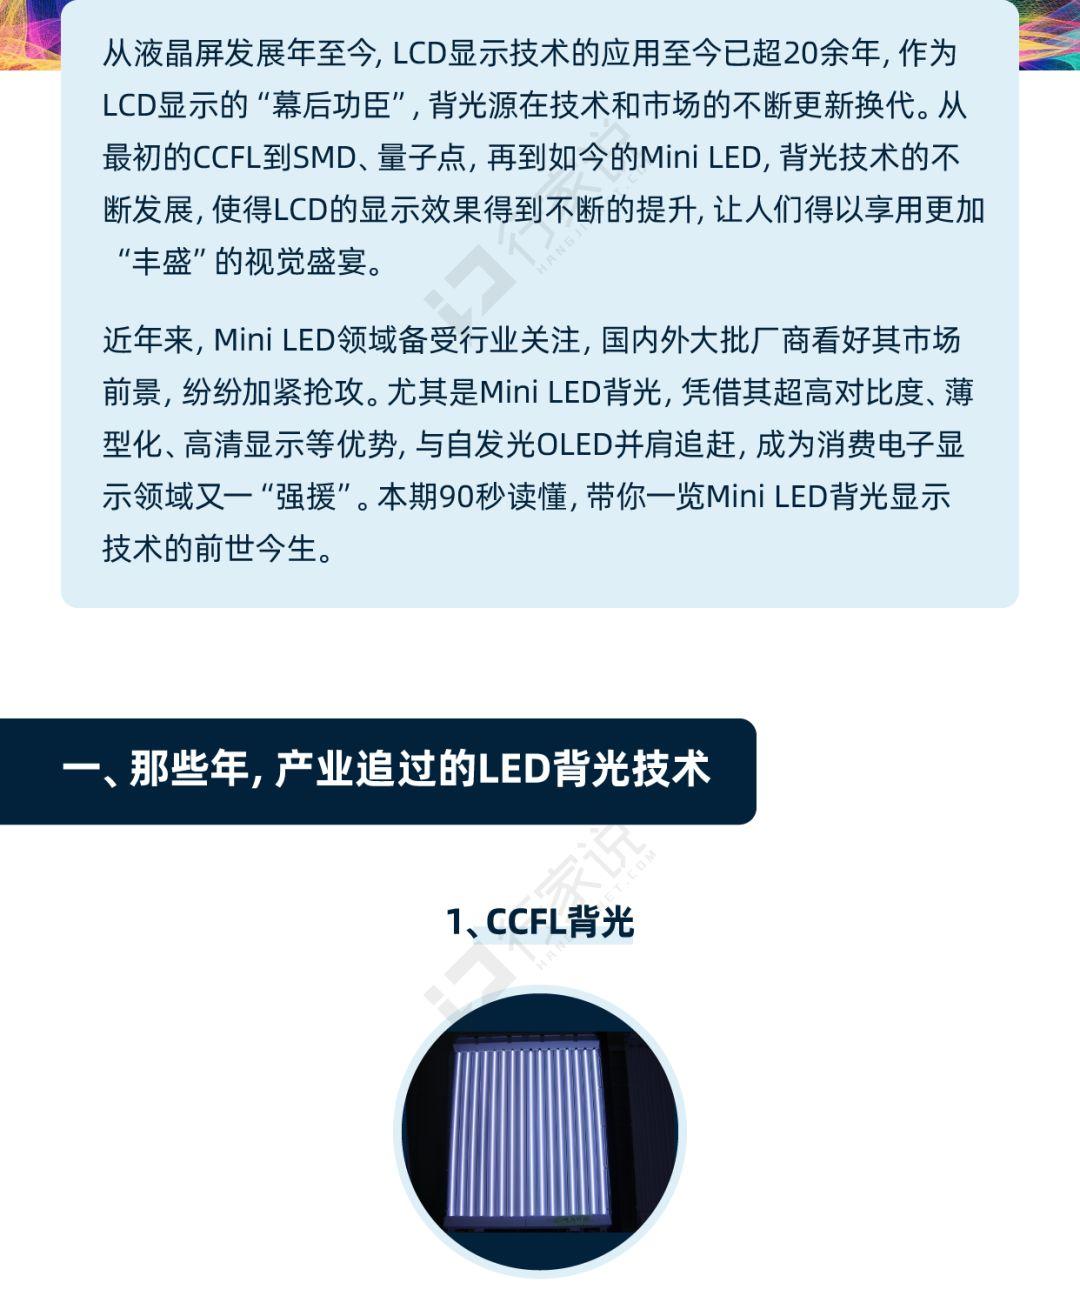 一图读懂:Mini LED背光的前世今生  第2张